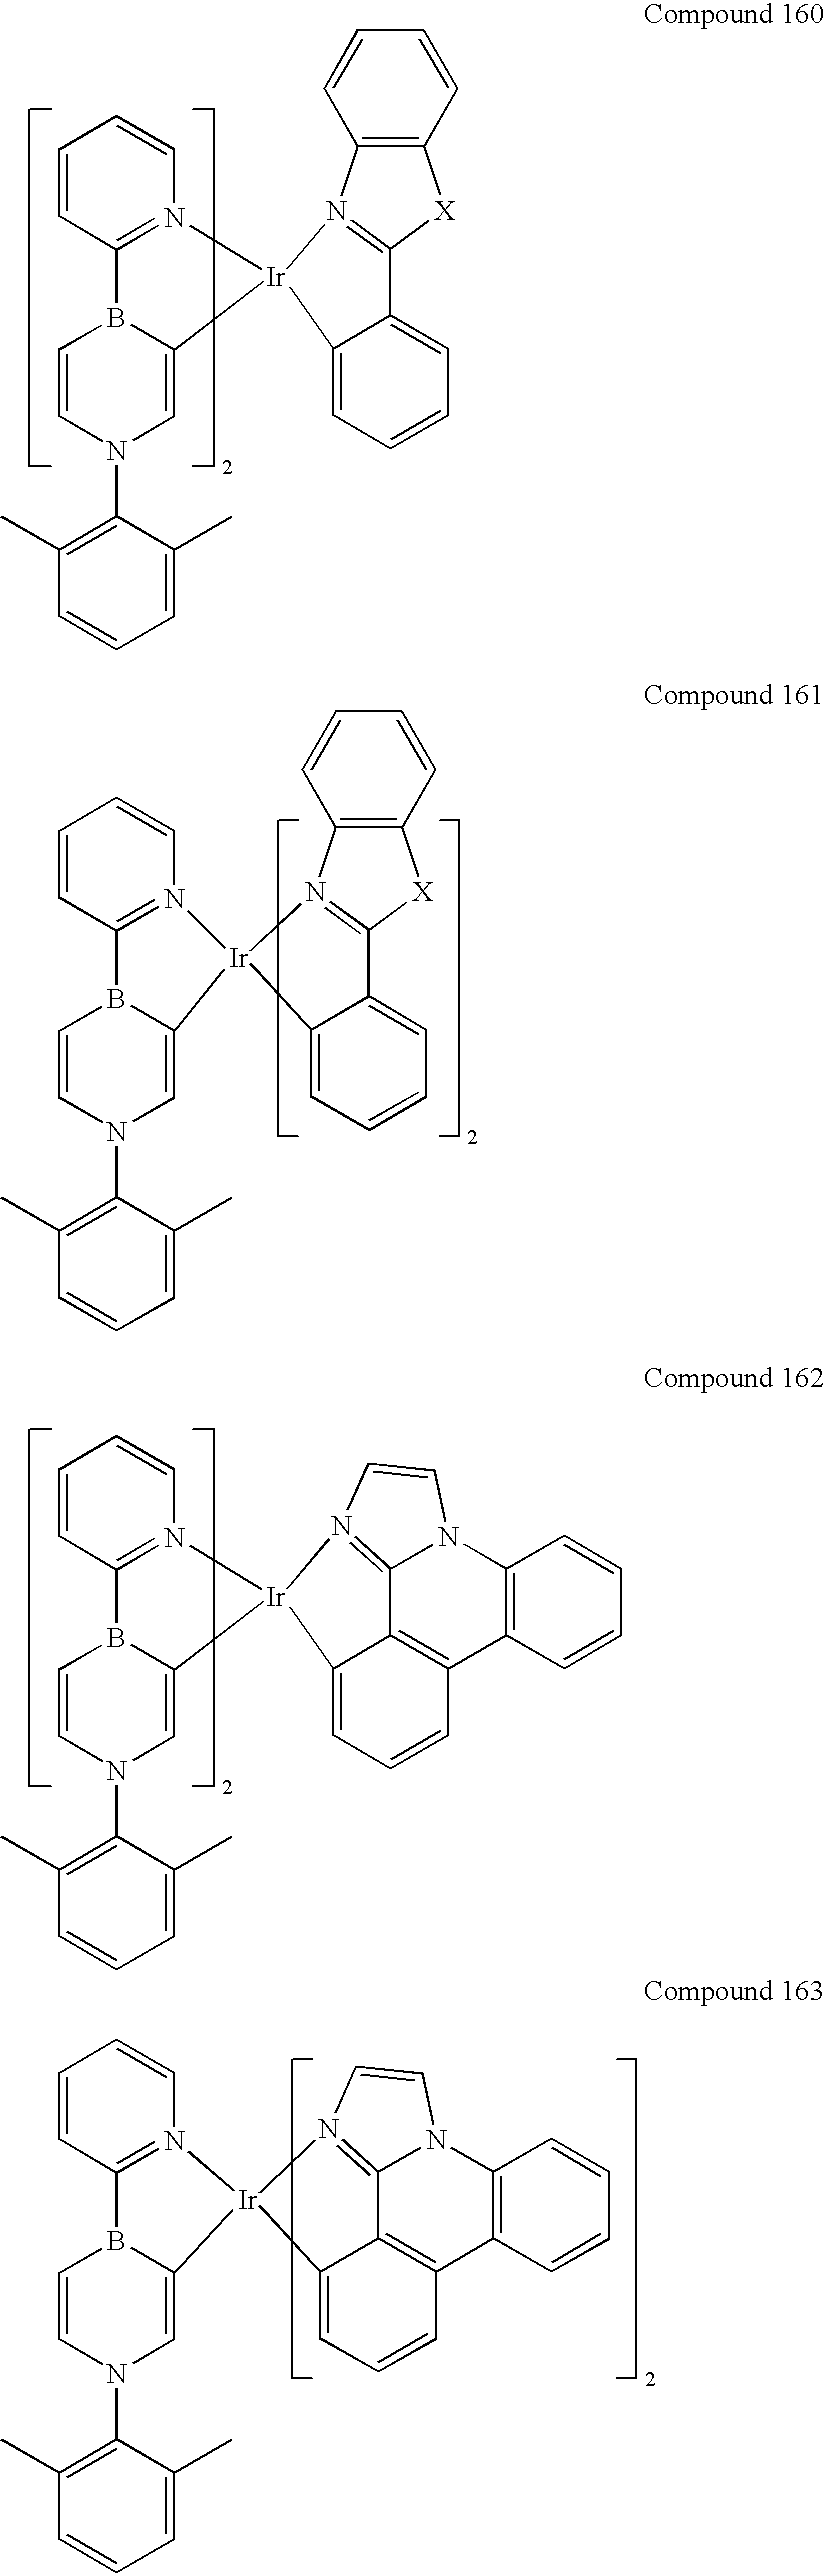 Figure US20100295032A1-20101125-C00082